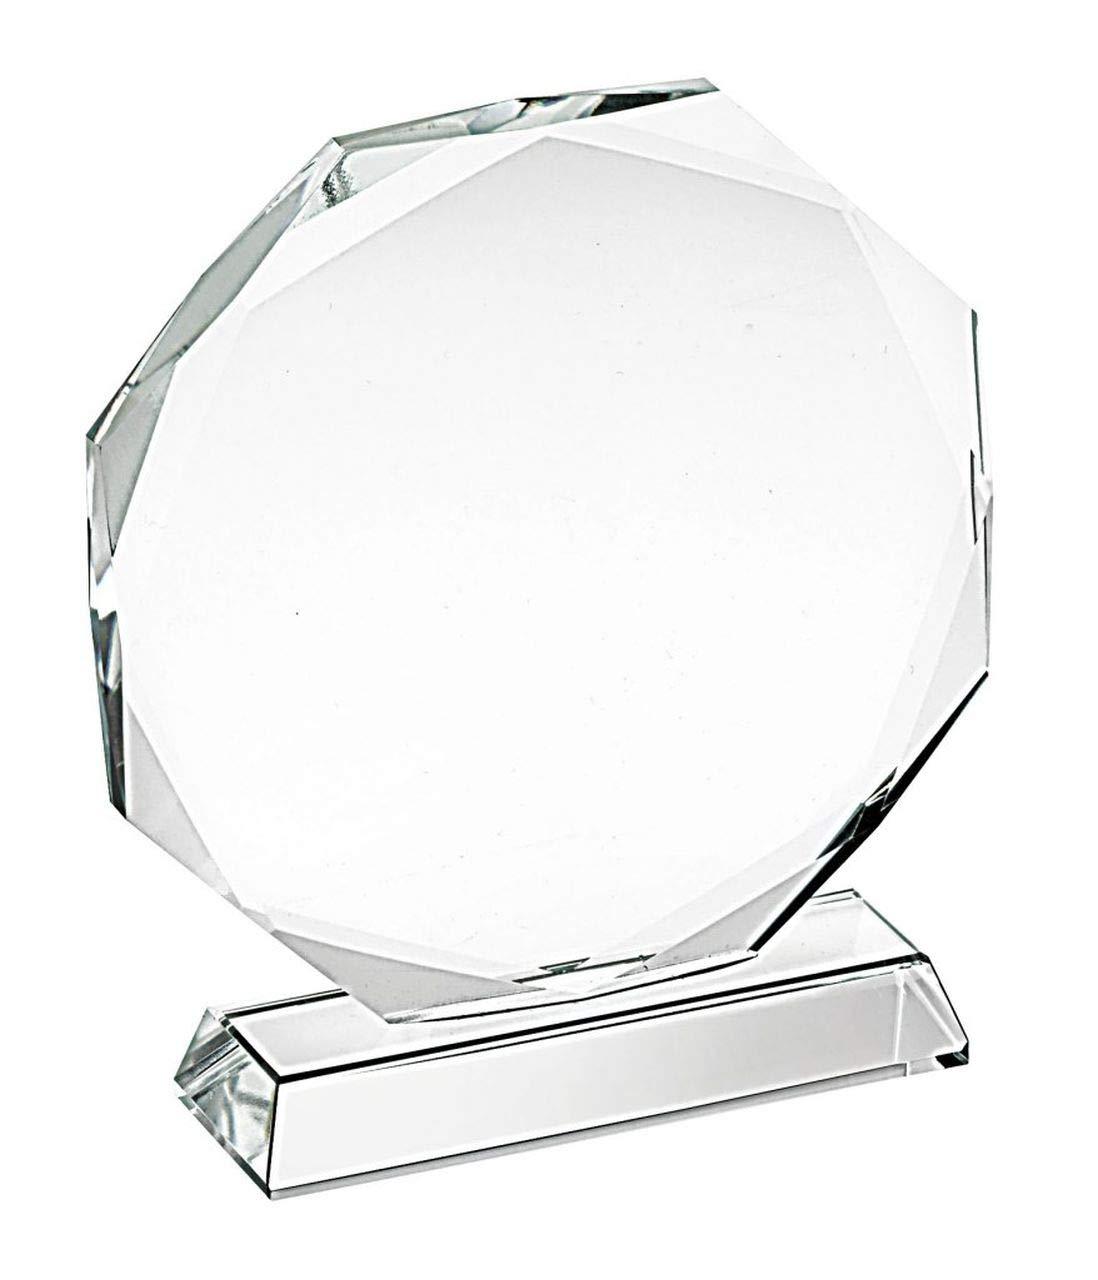 Trofeo de Cristal Octogonal diam 100mm cod.EL35350 cm 10,8x10x3,2h diam.10 by Varotto & Co.